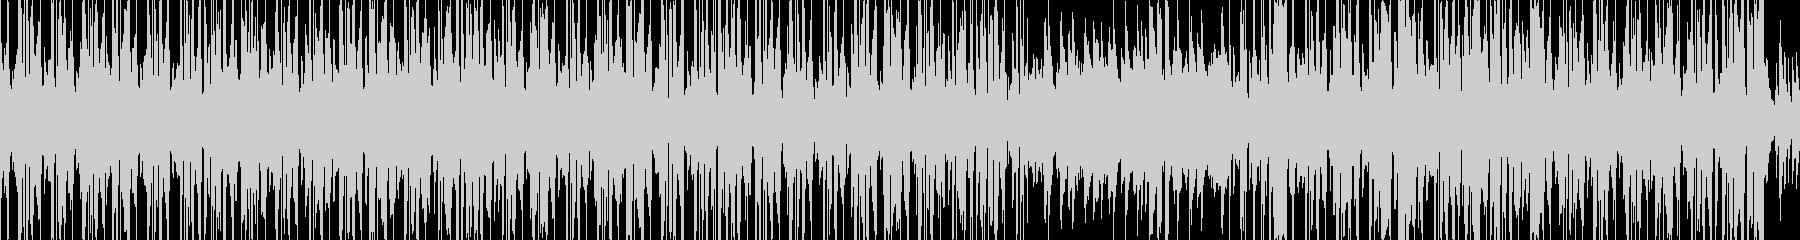 お洒落なピアノとヒップホップのビートの未再生の波形